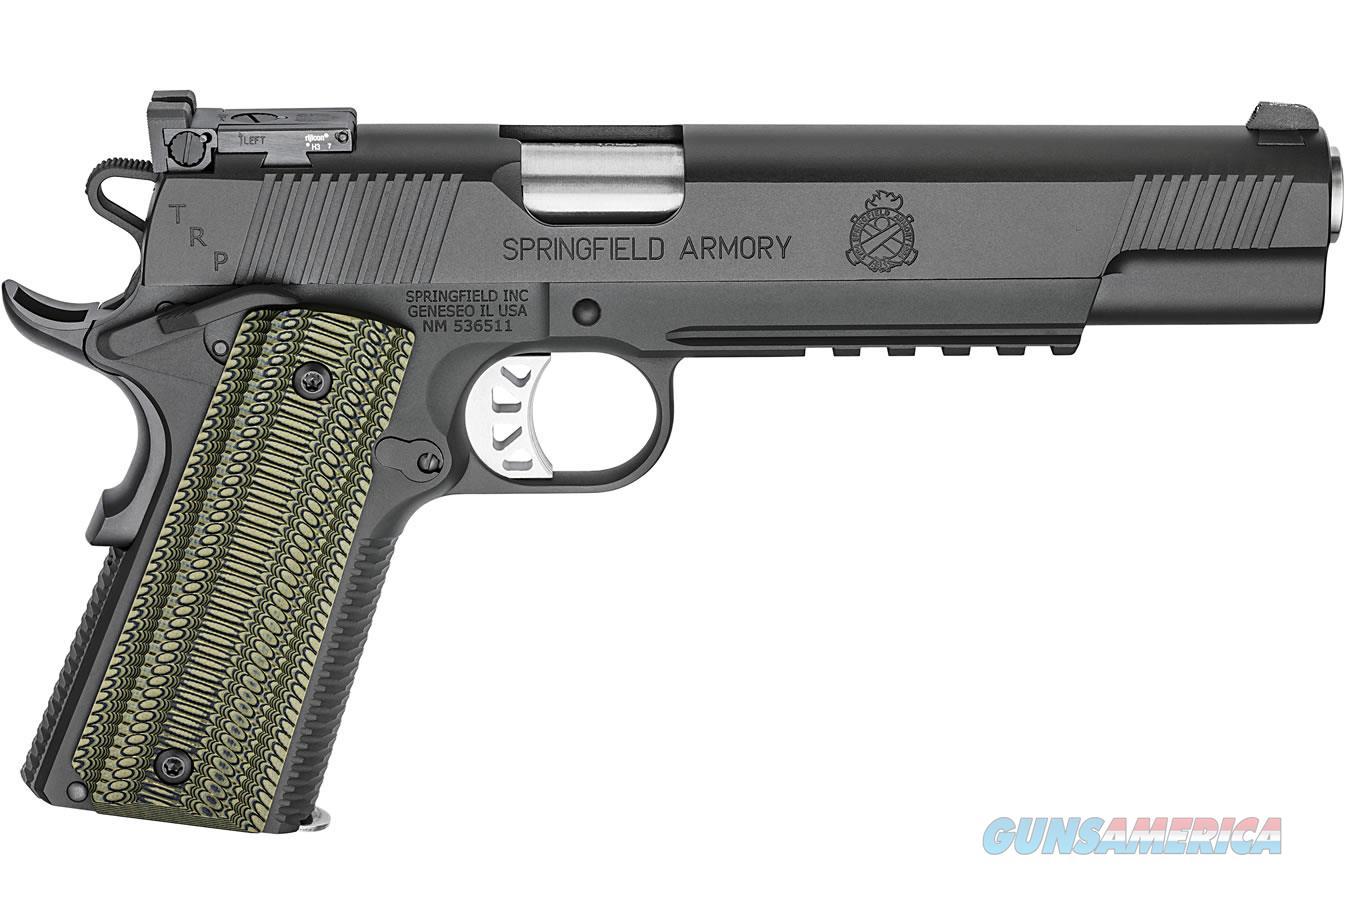 """Springfield Armory 1911 TRP 10mm 6"""" 8rds PC9610L18   Guns > Pistols > Springfield Armory Pistols > 1911 Type"""